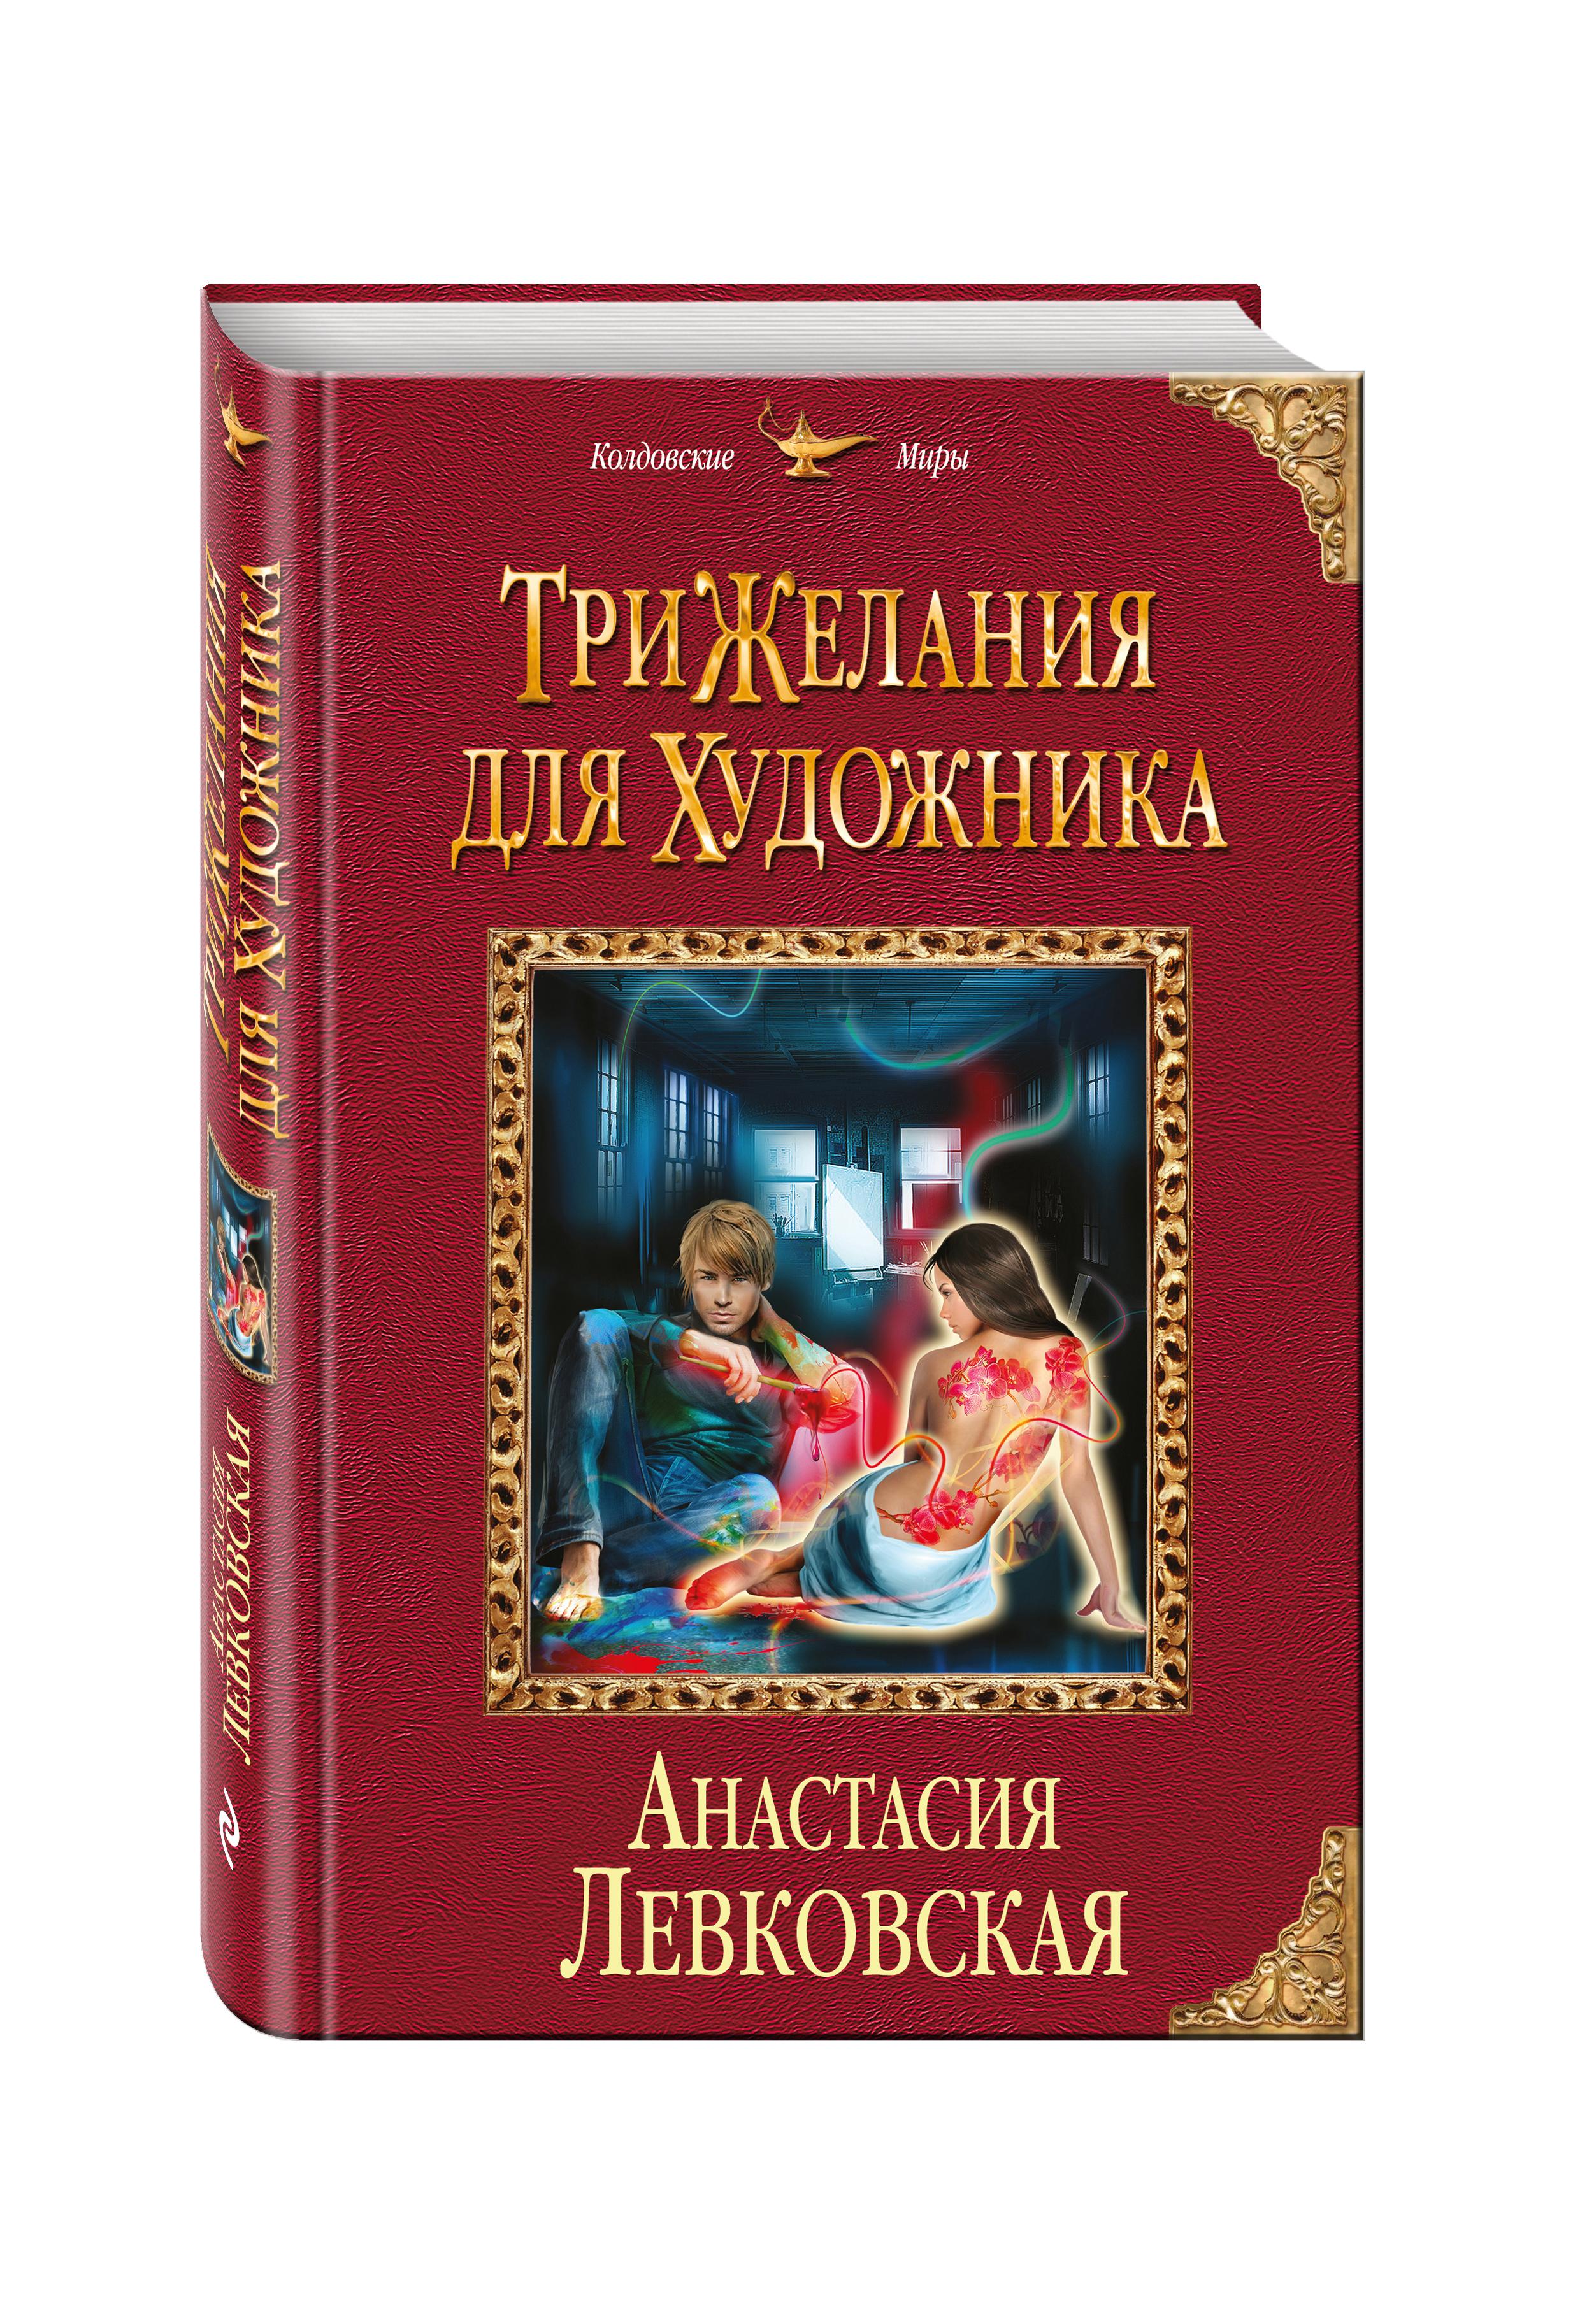 Левковская А. Три желания для художника диплом сертификат на исполнение заветного желания женщине